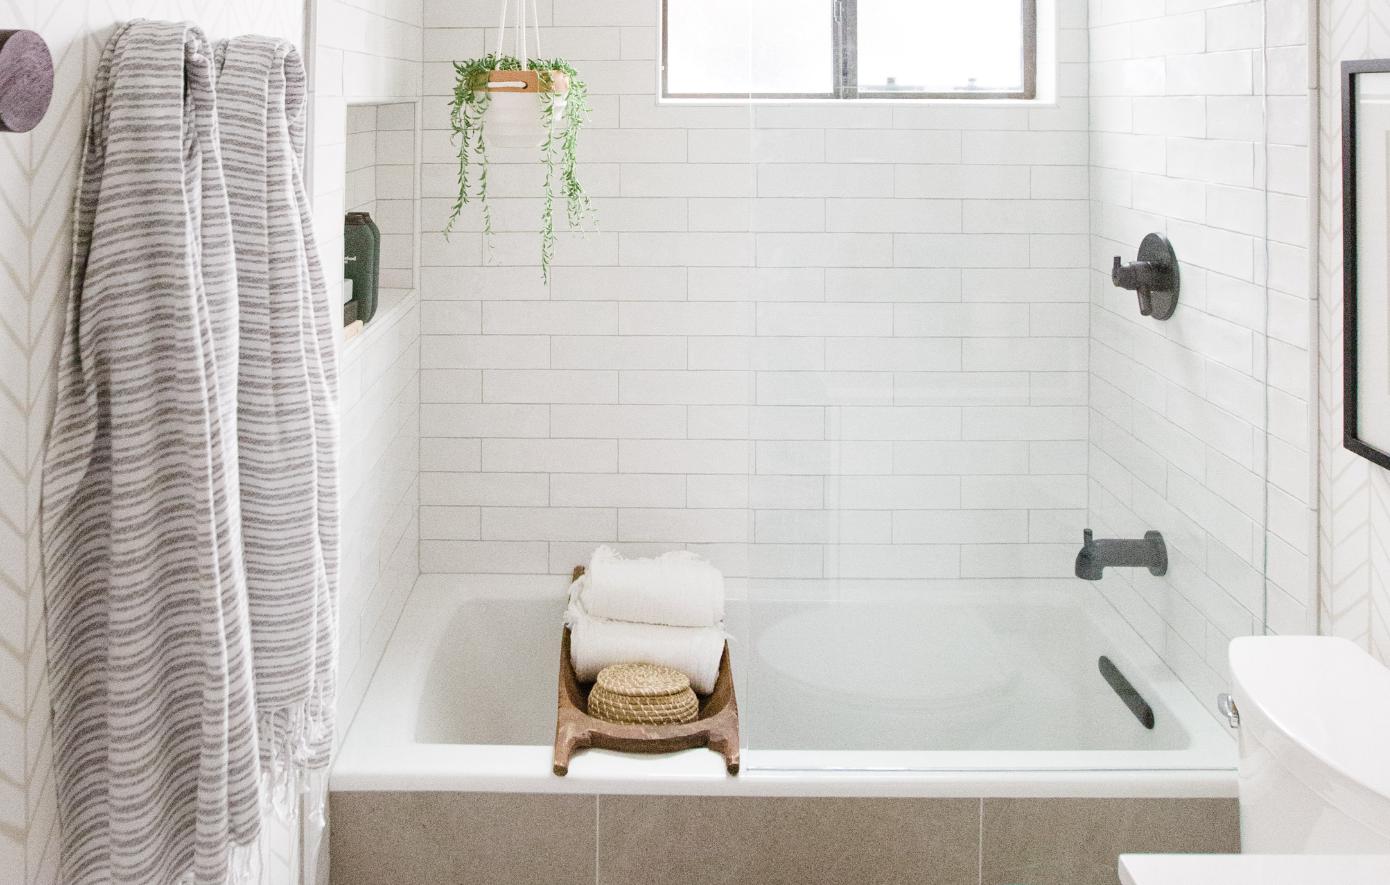 #VenturaLaneProj Bathtub